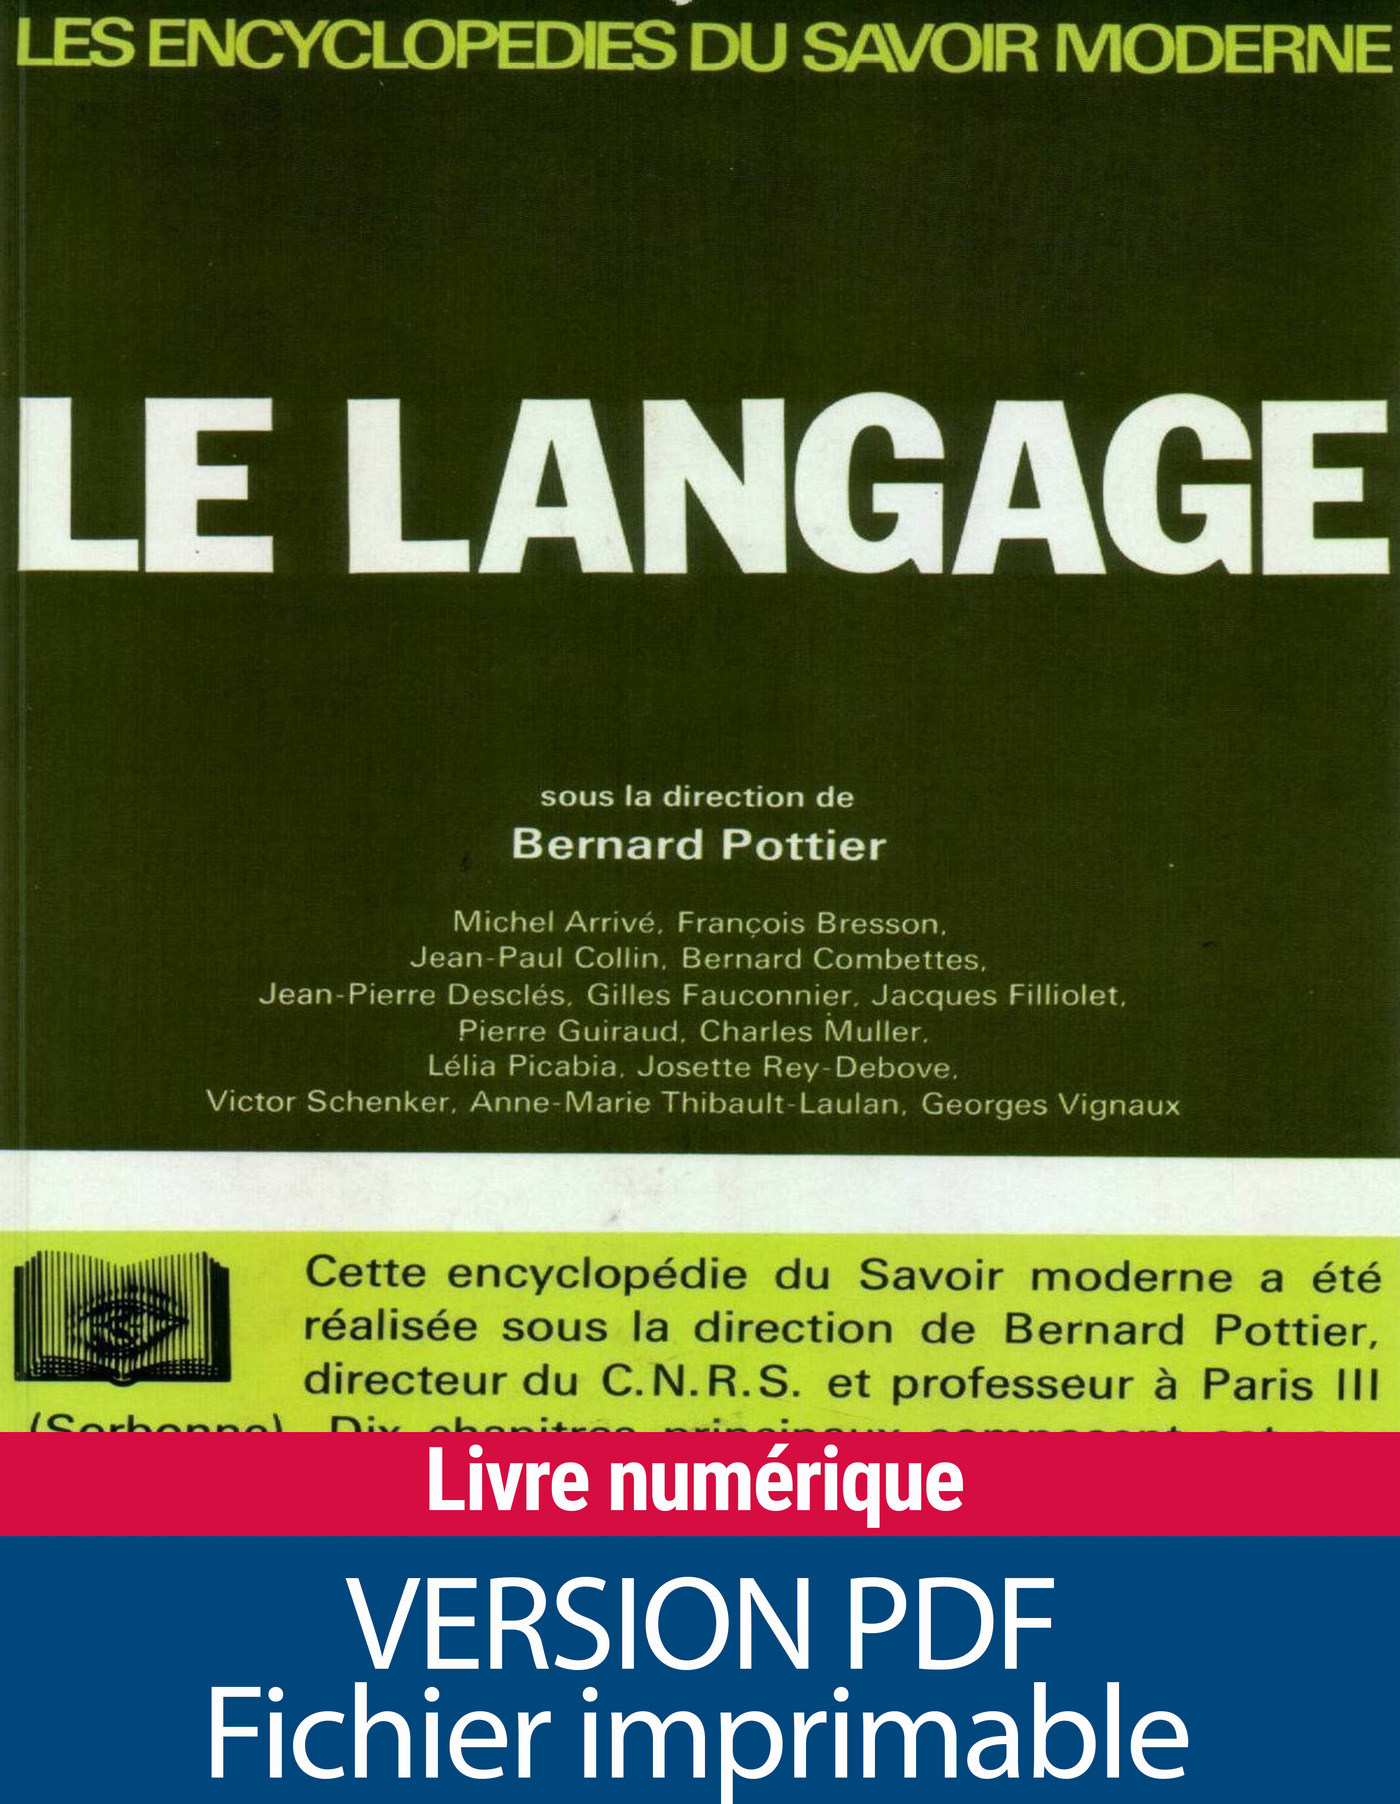 Le langage